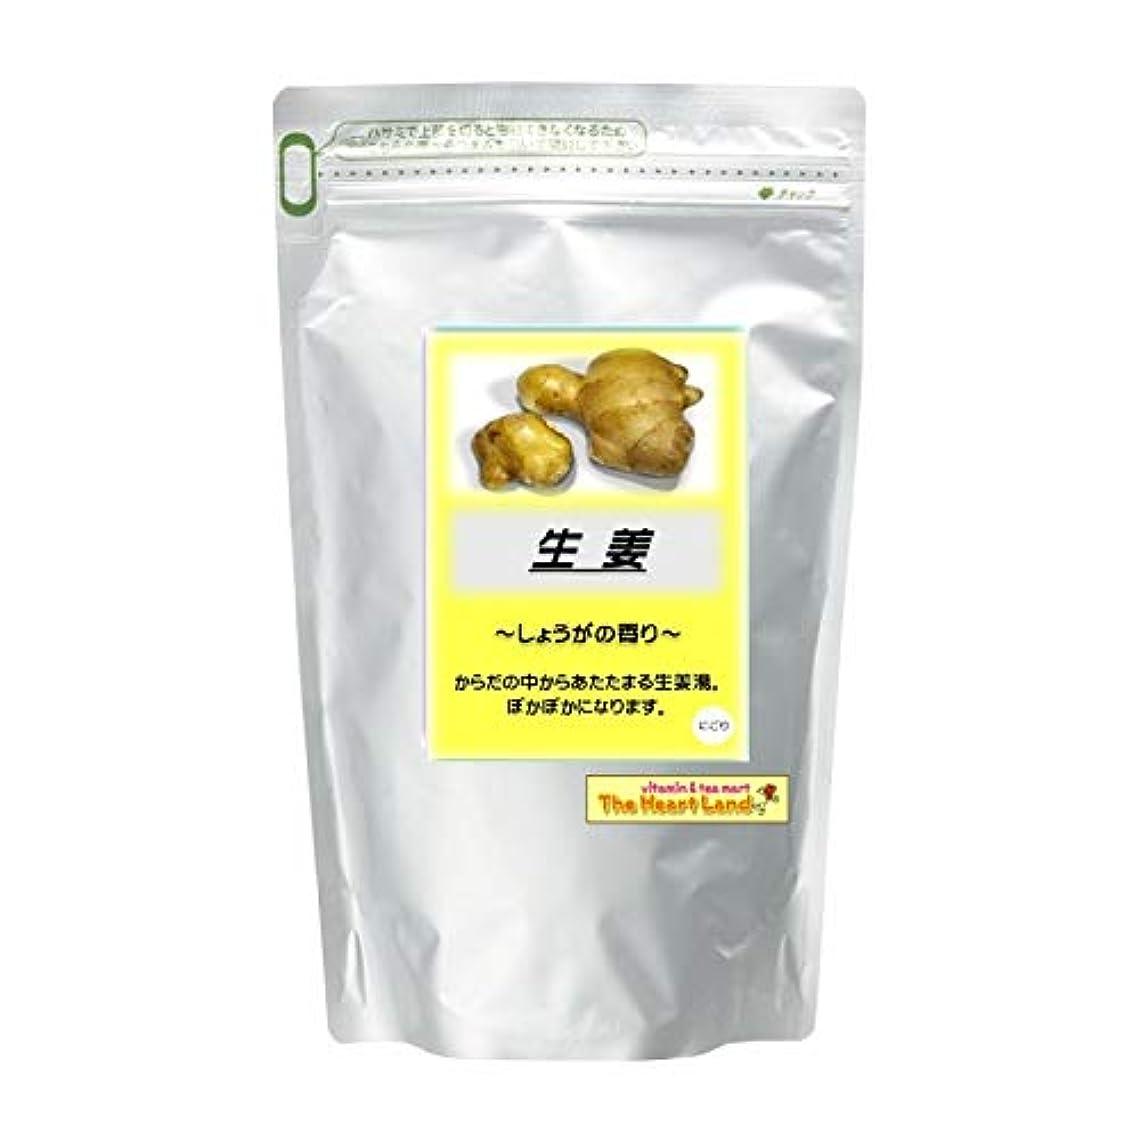 表面ハチできればアサヒ入浴剤 浴用入浴化粧品 生姜 2.5kg